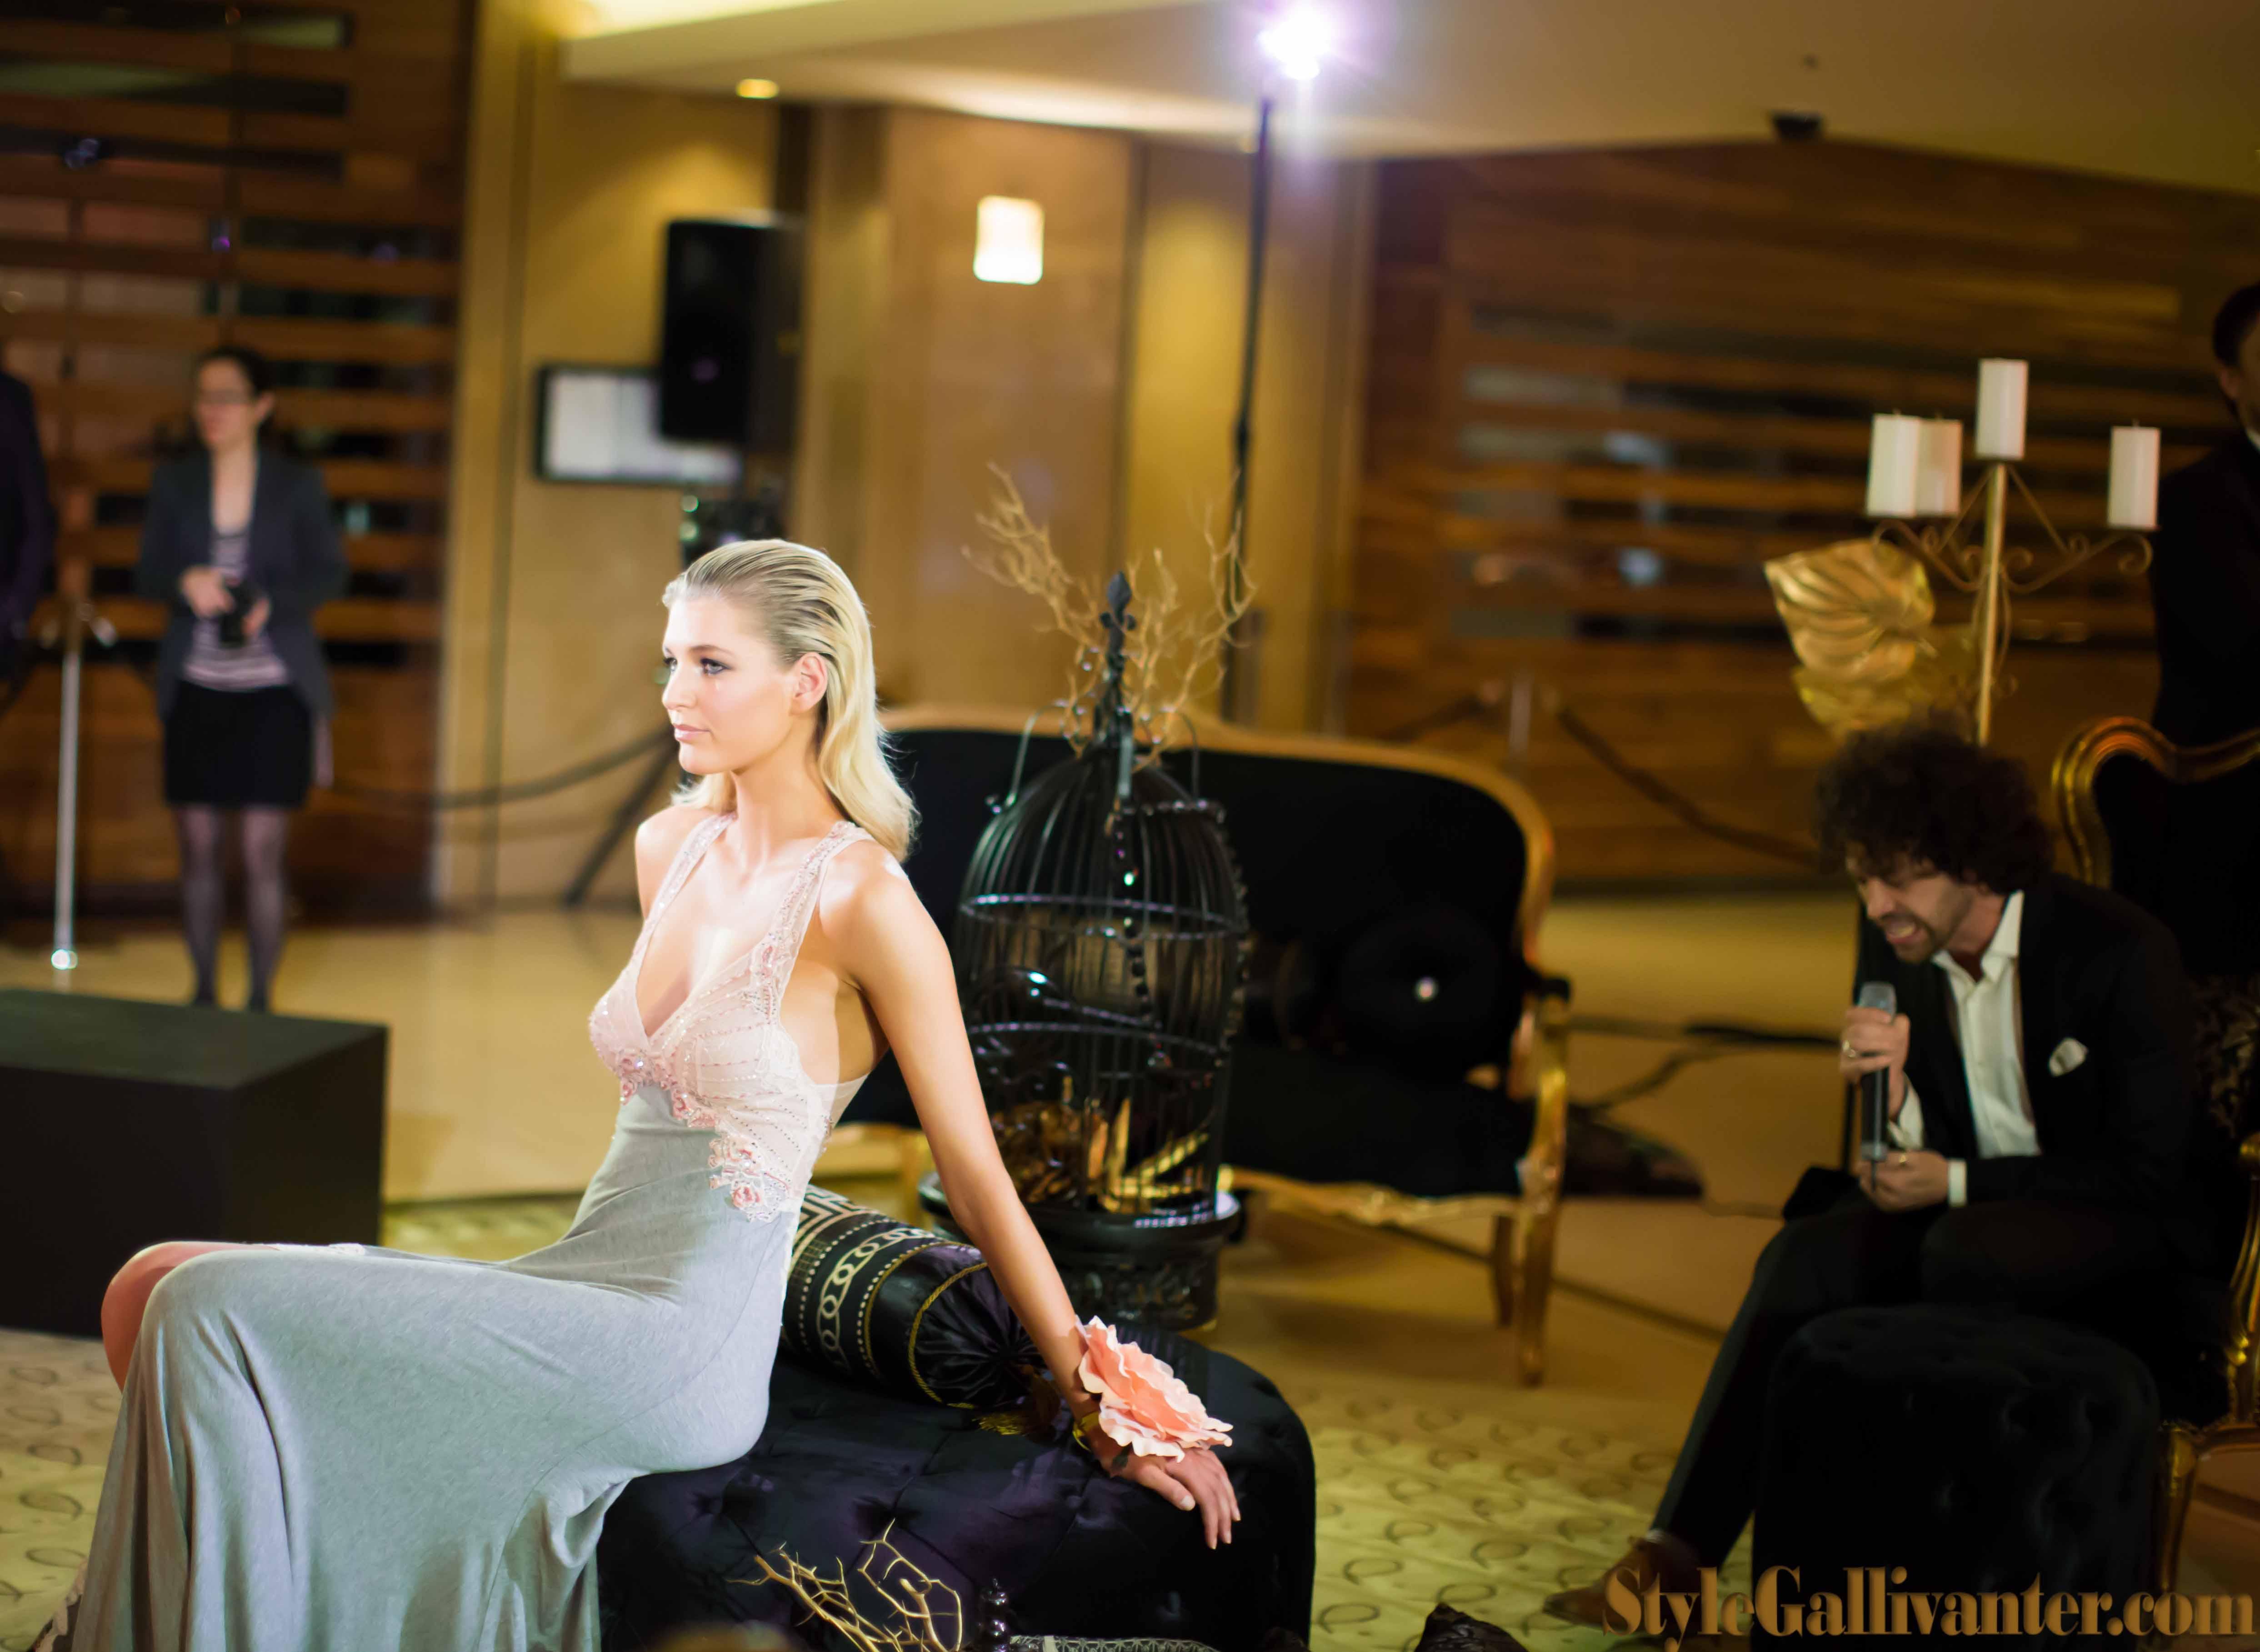 sleepwear-trends_IM-Lingerie_im-lingerie-crown-launch_best-bloggers-melbourne_best-lingerie-australia_la-perla-melbourne_sexy-classy-lingerie-melbourne_crown-melbourne-store-launch_exclusive-events-melbourne-16